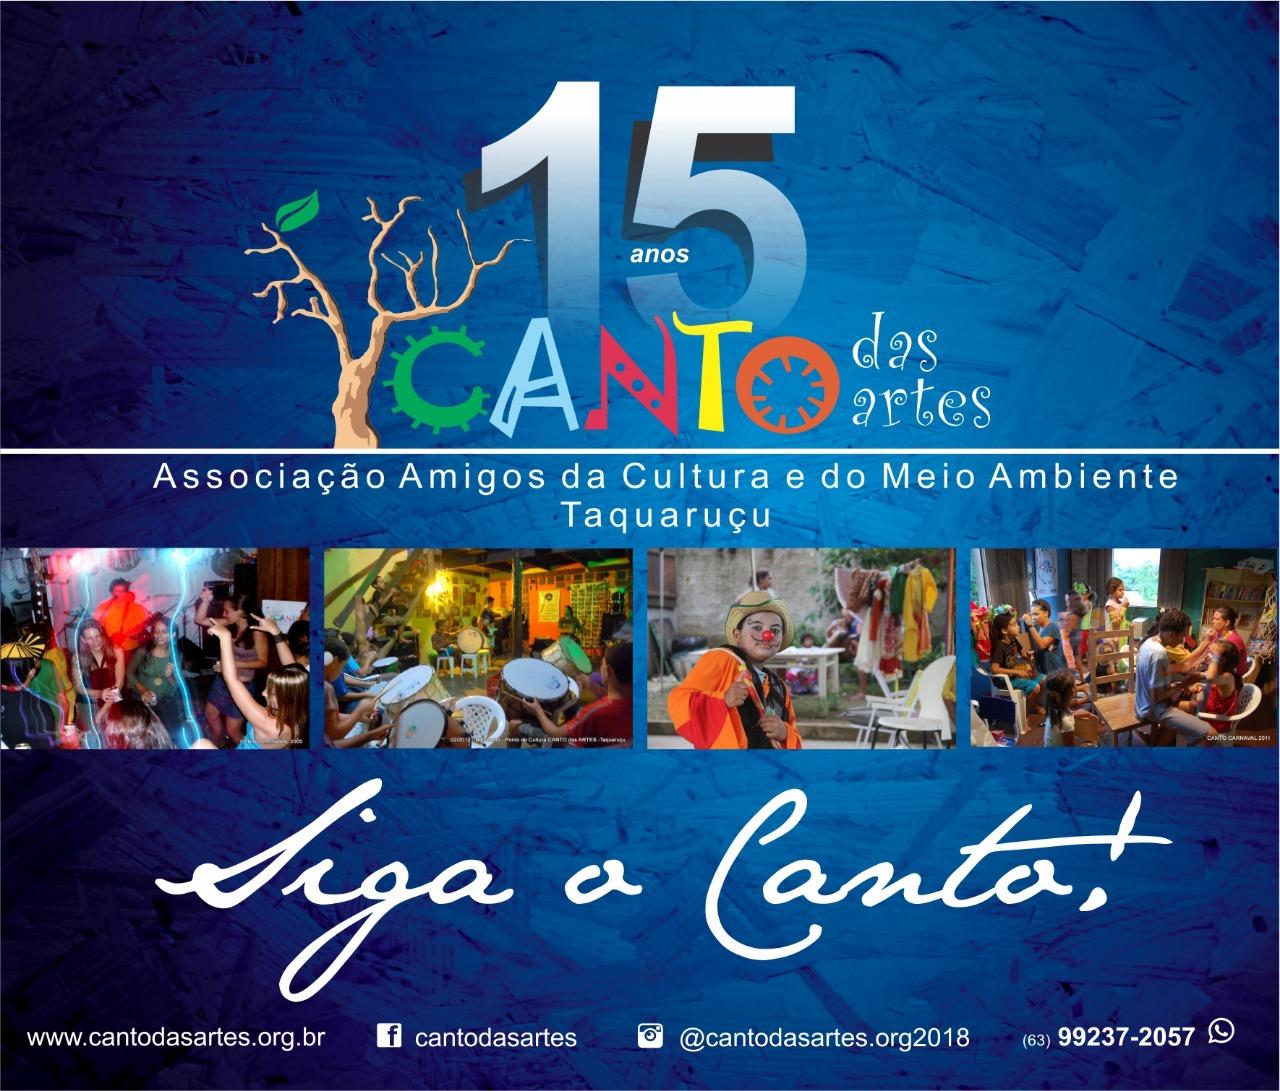 Canto das Artes 15 anos de arte, cultura e meio ambiente  em Taquaruçu!